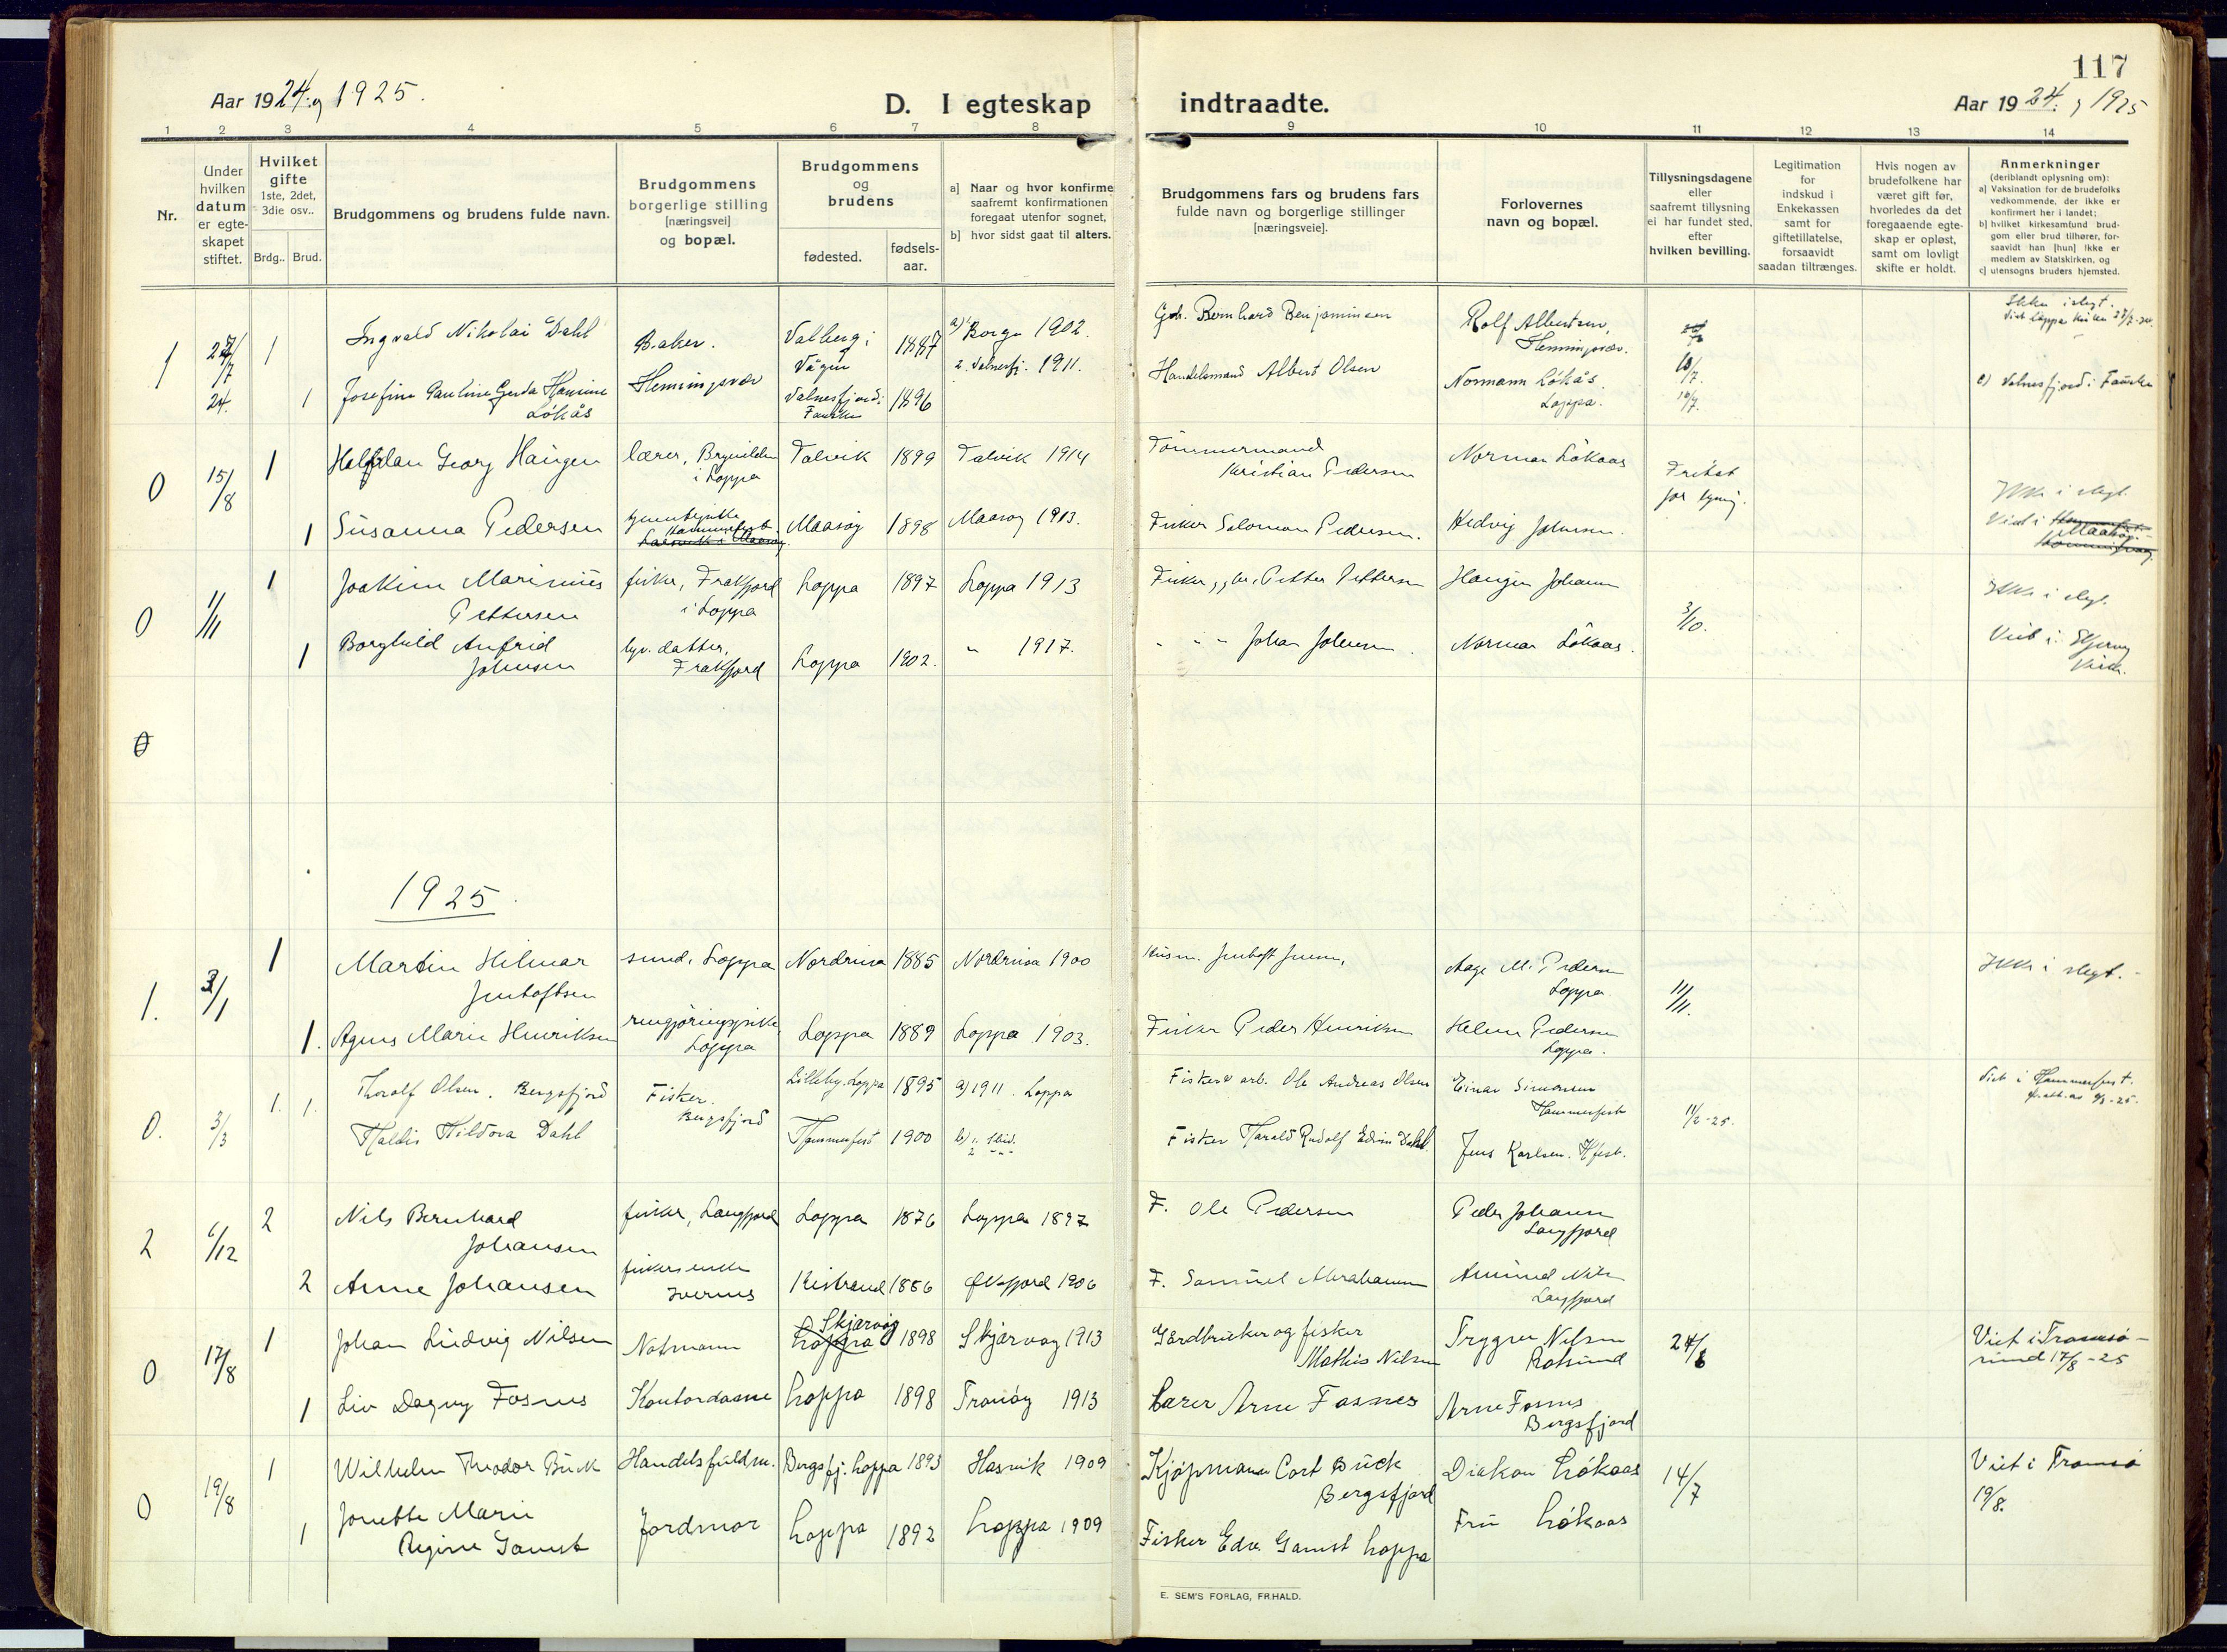 SATØ, Loppa sokneprestkontor, H/Ha/L0013kirke: Ministerialbok nr. 13, 1920-1932, s. 117